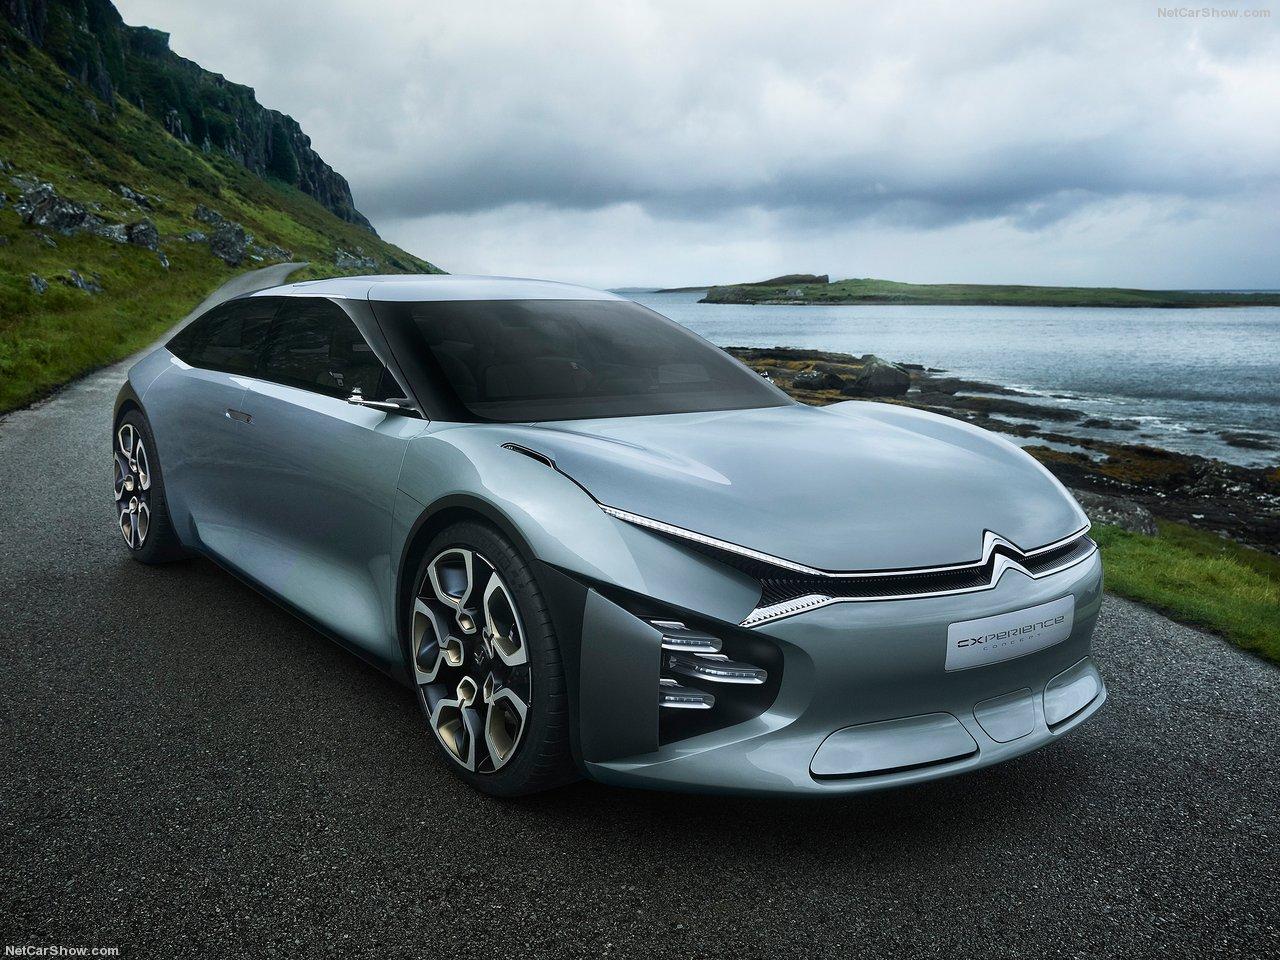 Concept Car CX expérience